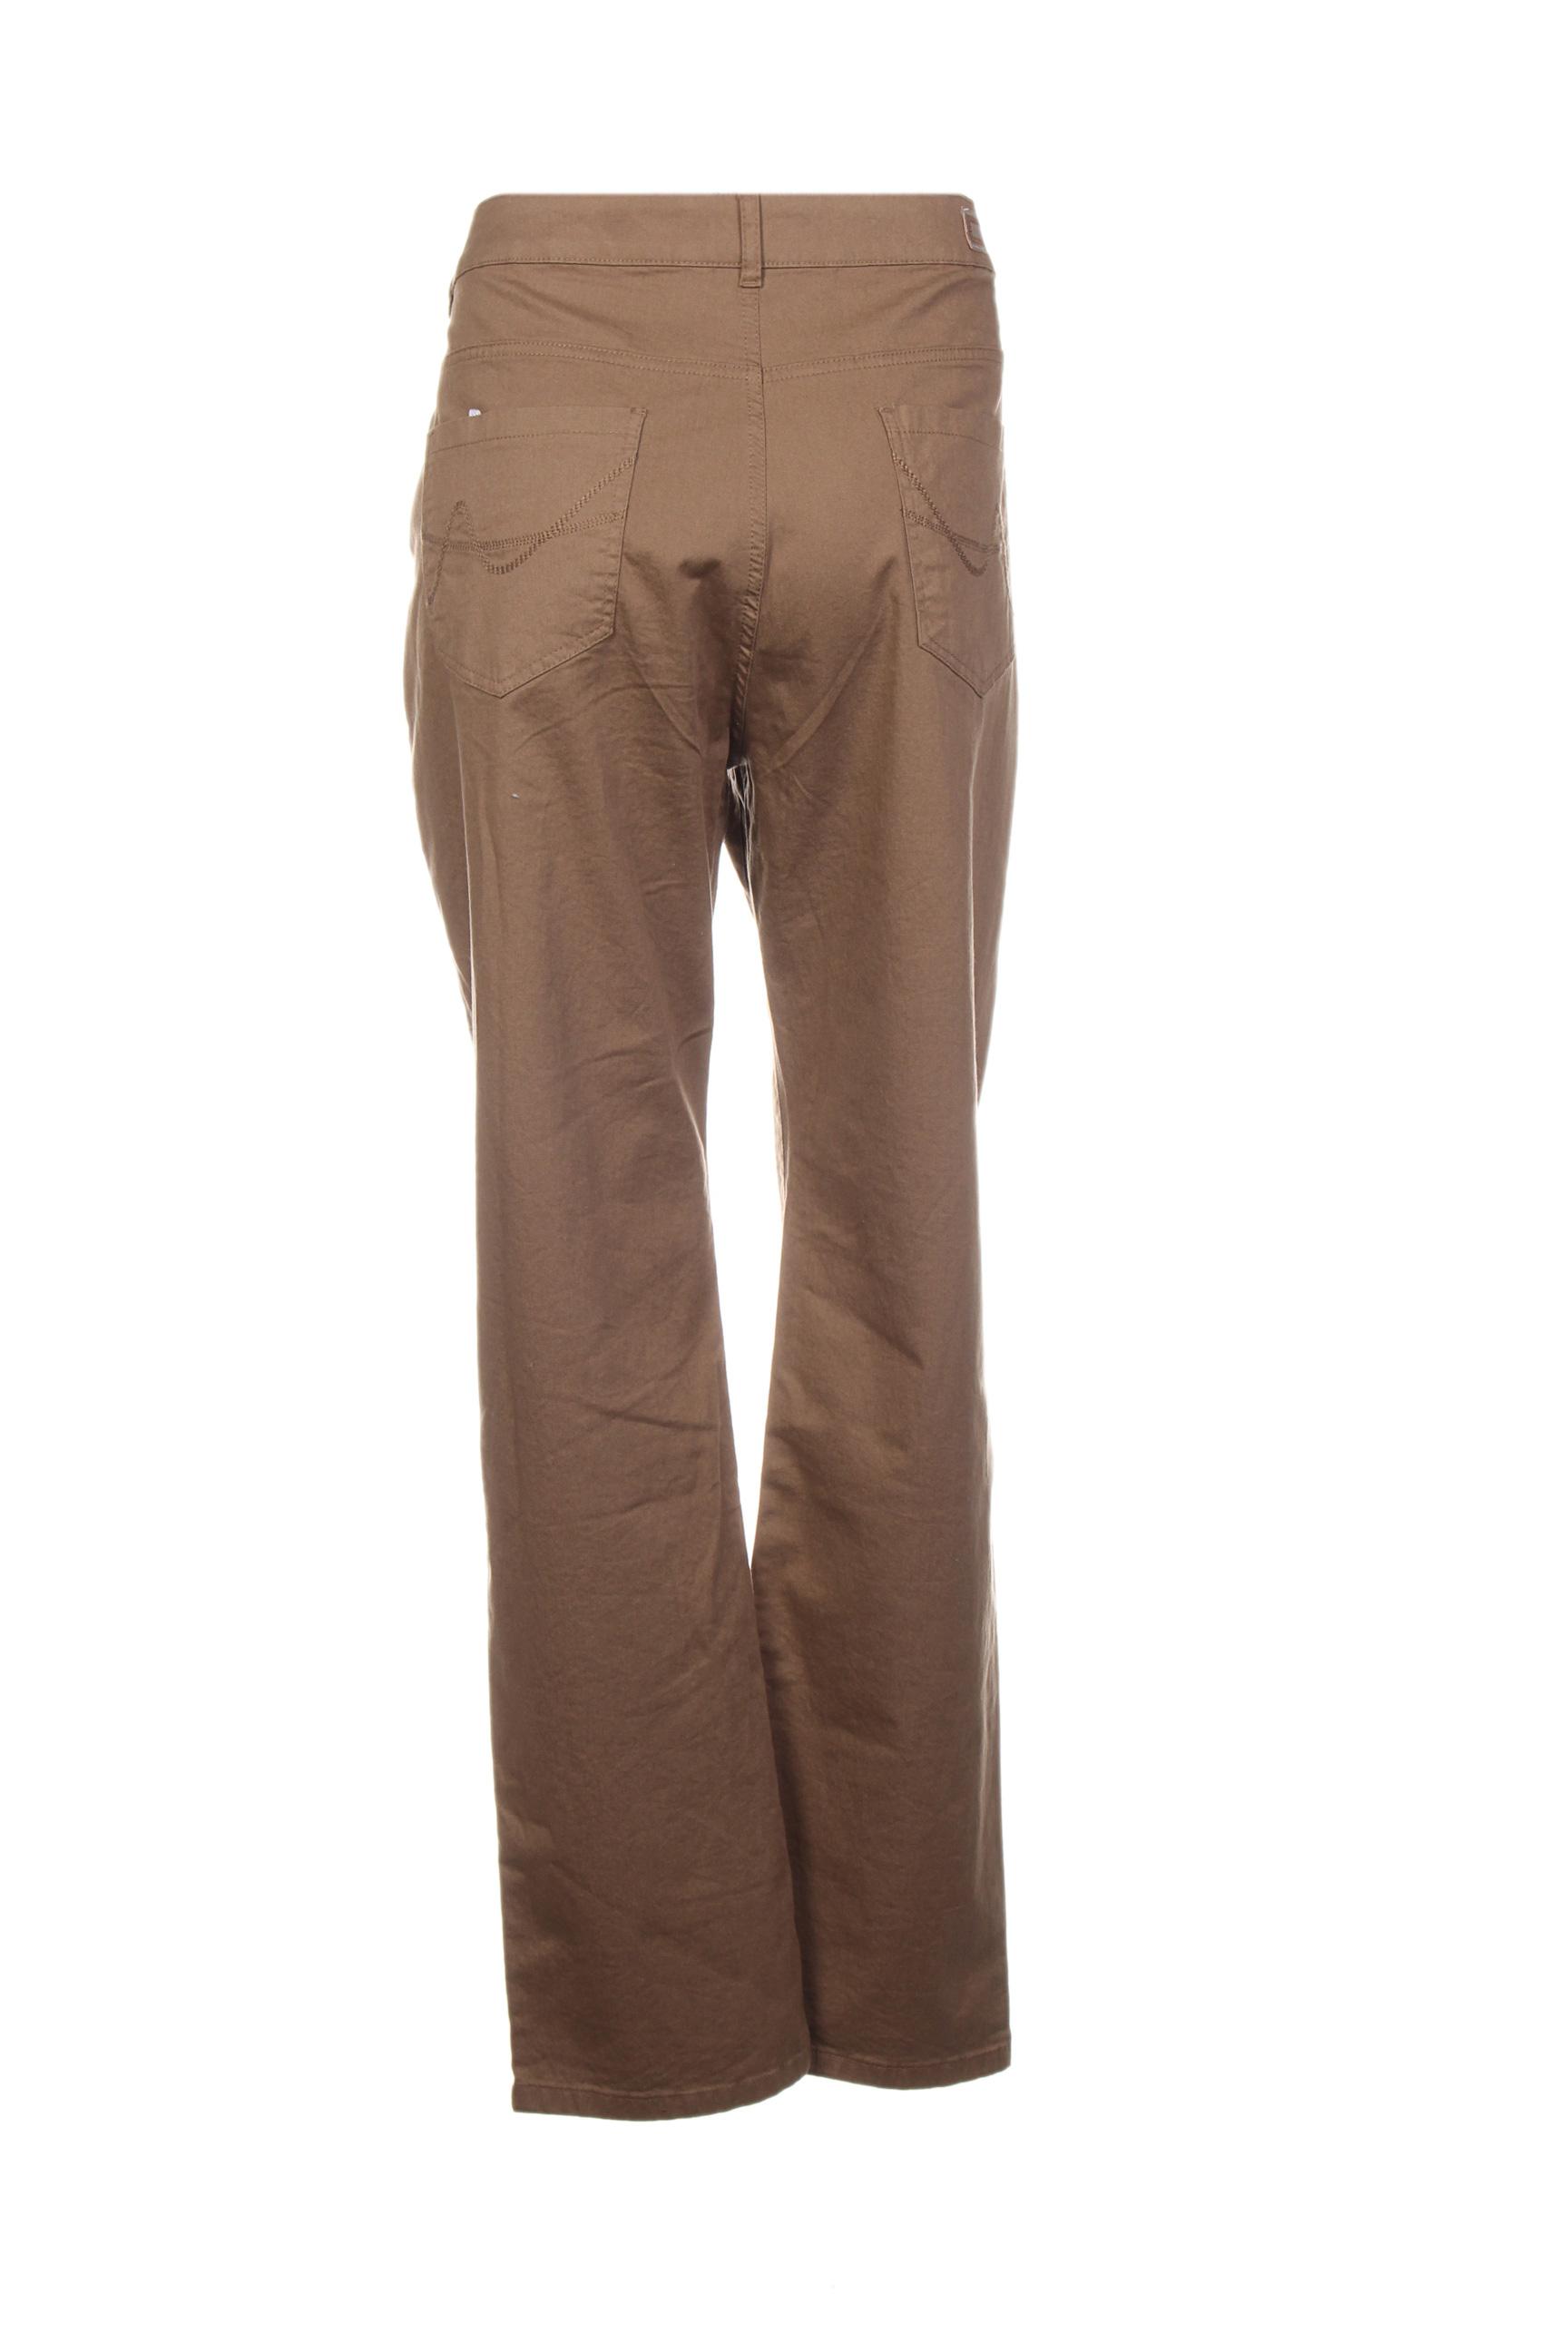 Scottage Pantalons Decontractes Femme De Couleur Marron En Soldes Pas Cher 1387768-marron